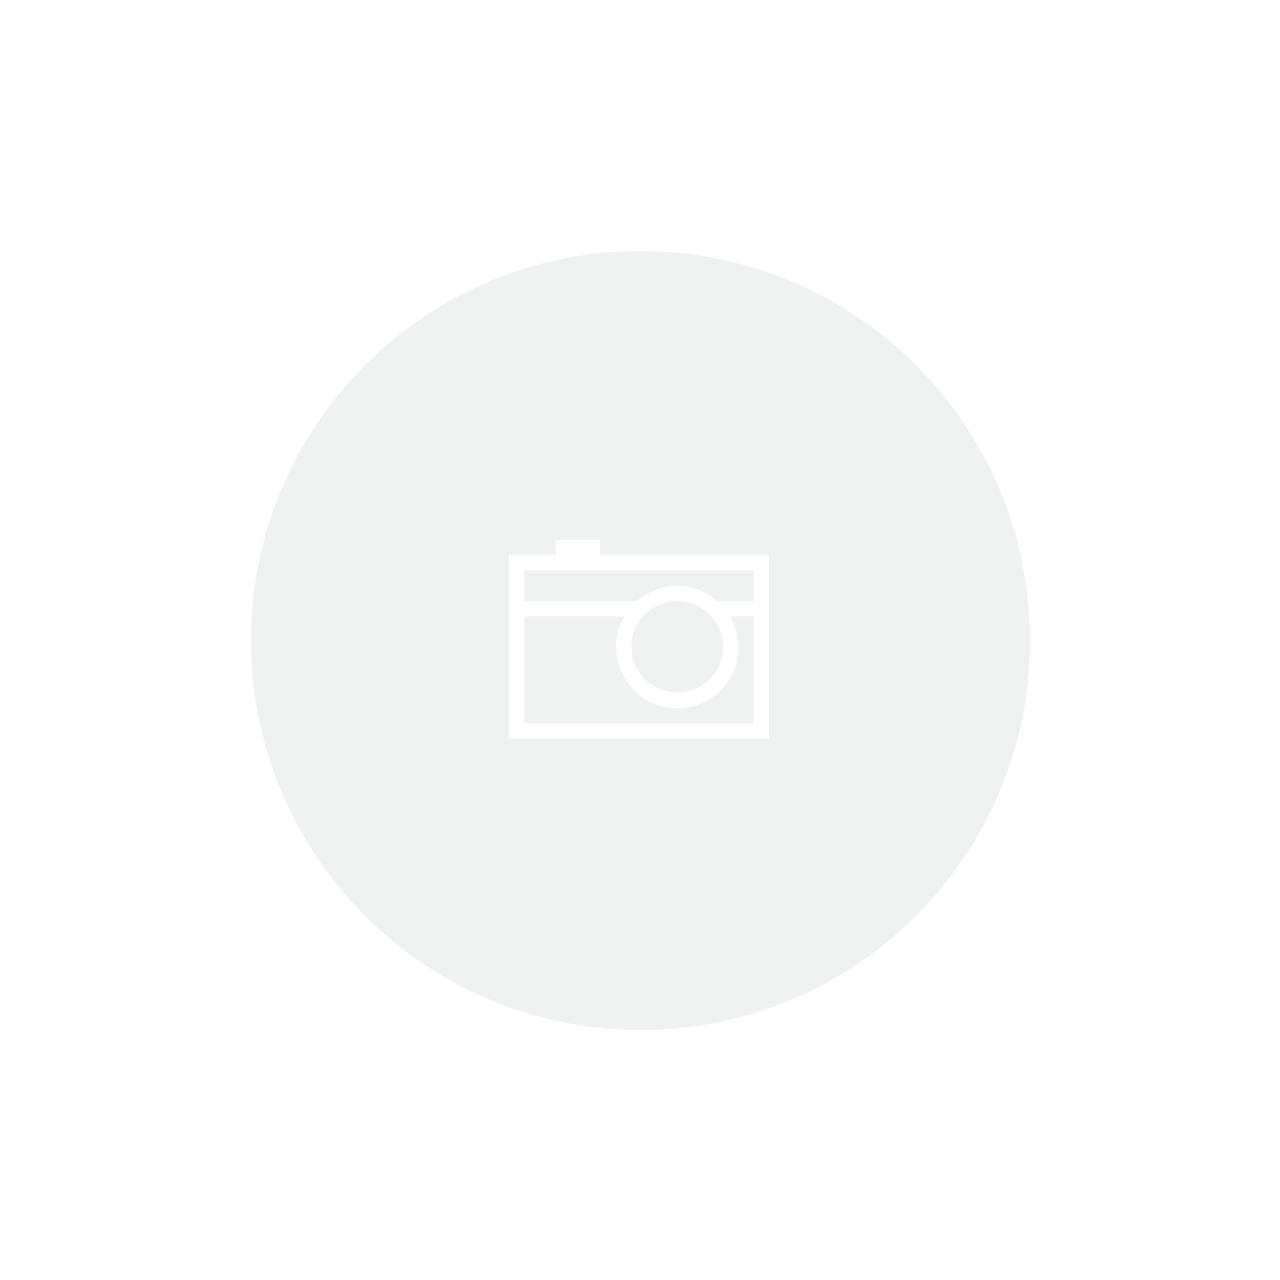 Filtro de ar Inbox BMC Air Filter para A4 Avant / A5 Sportback / Q5 8R / S4 B7 / S5